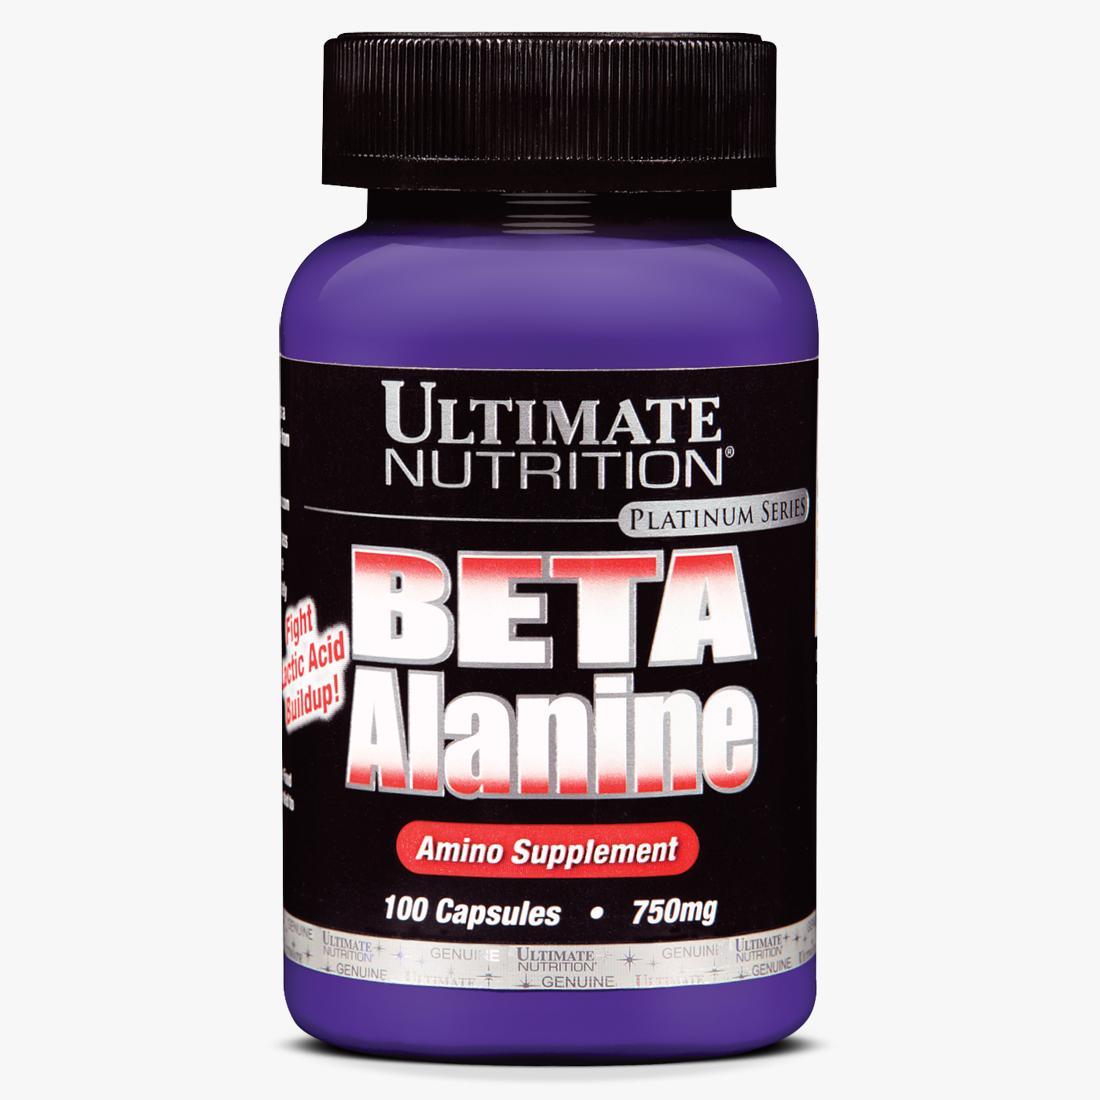 Ultimate Nutrition - Beta Alanine